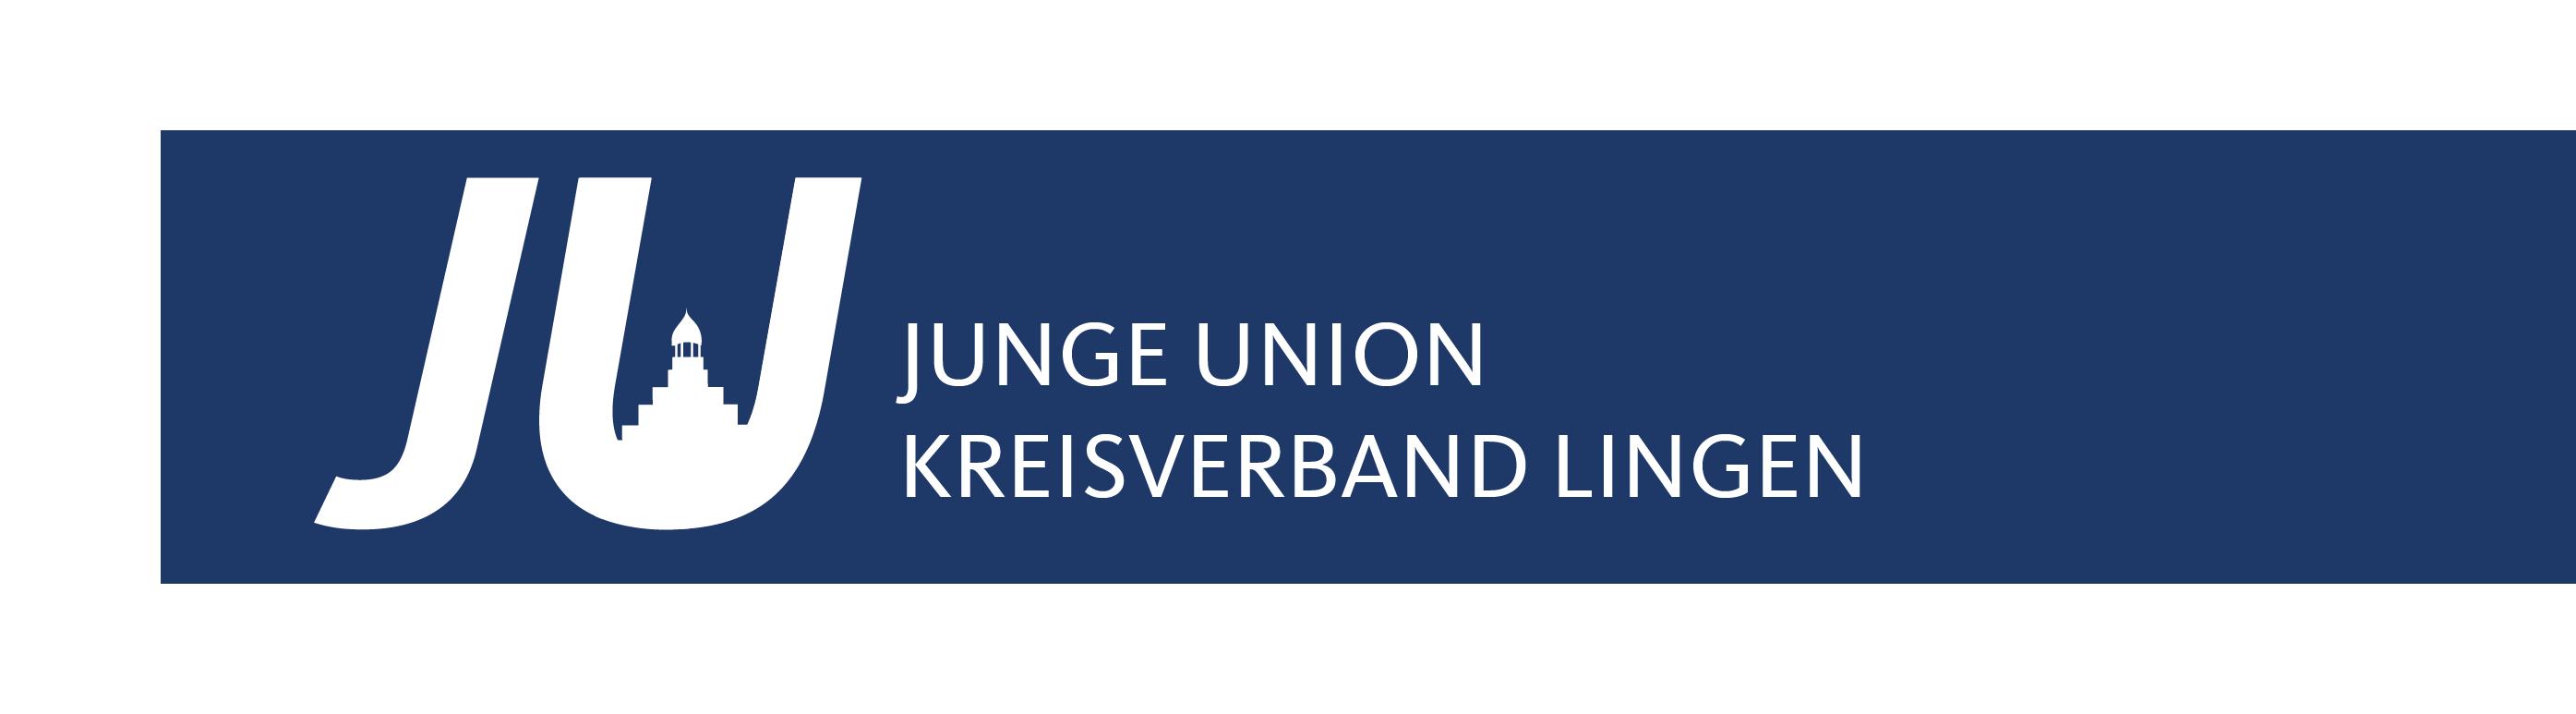 Logo von Junge Union Kreisverband Lingen